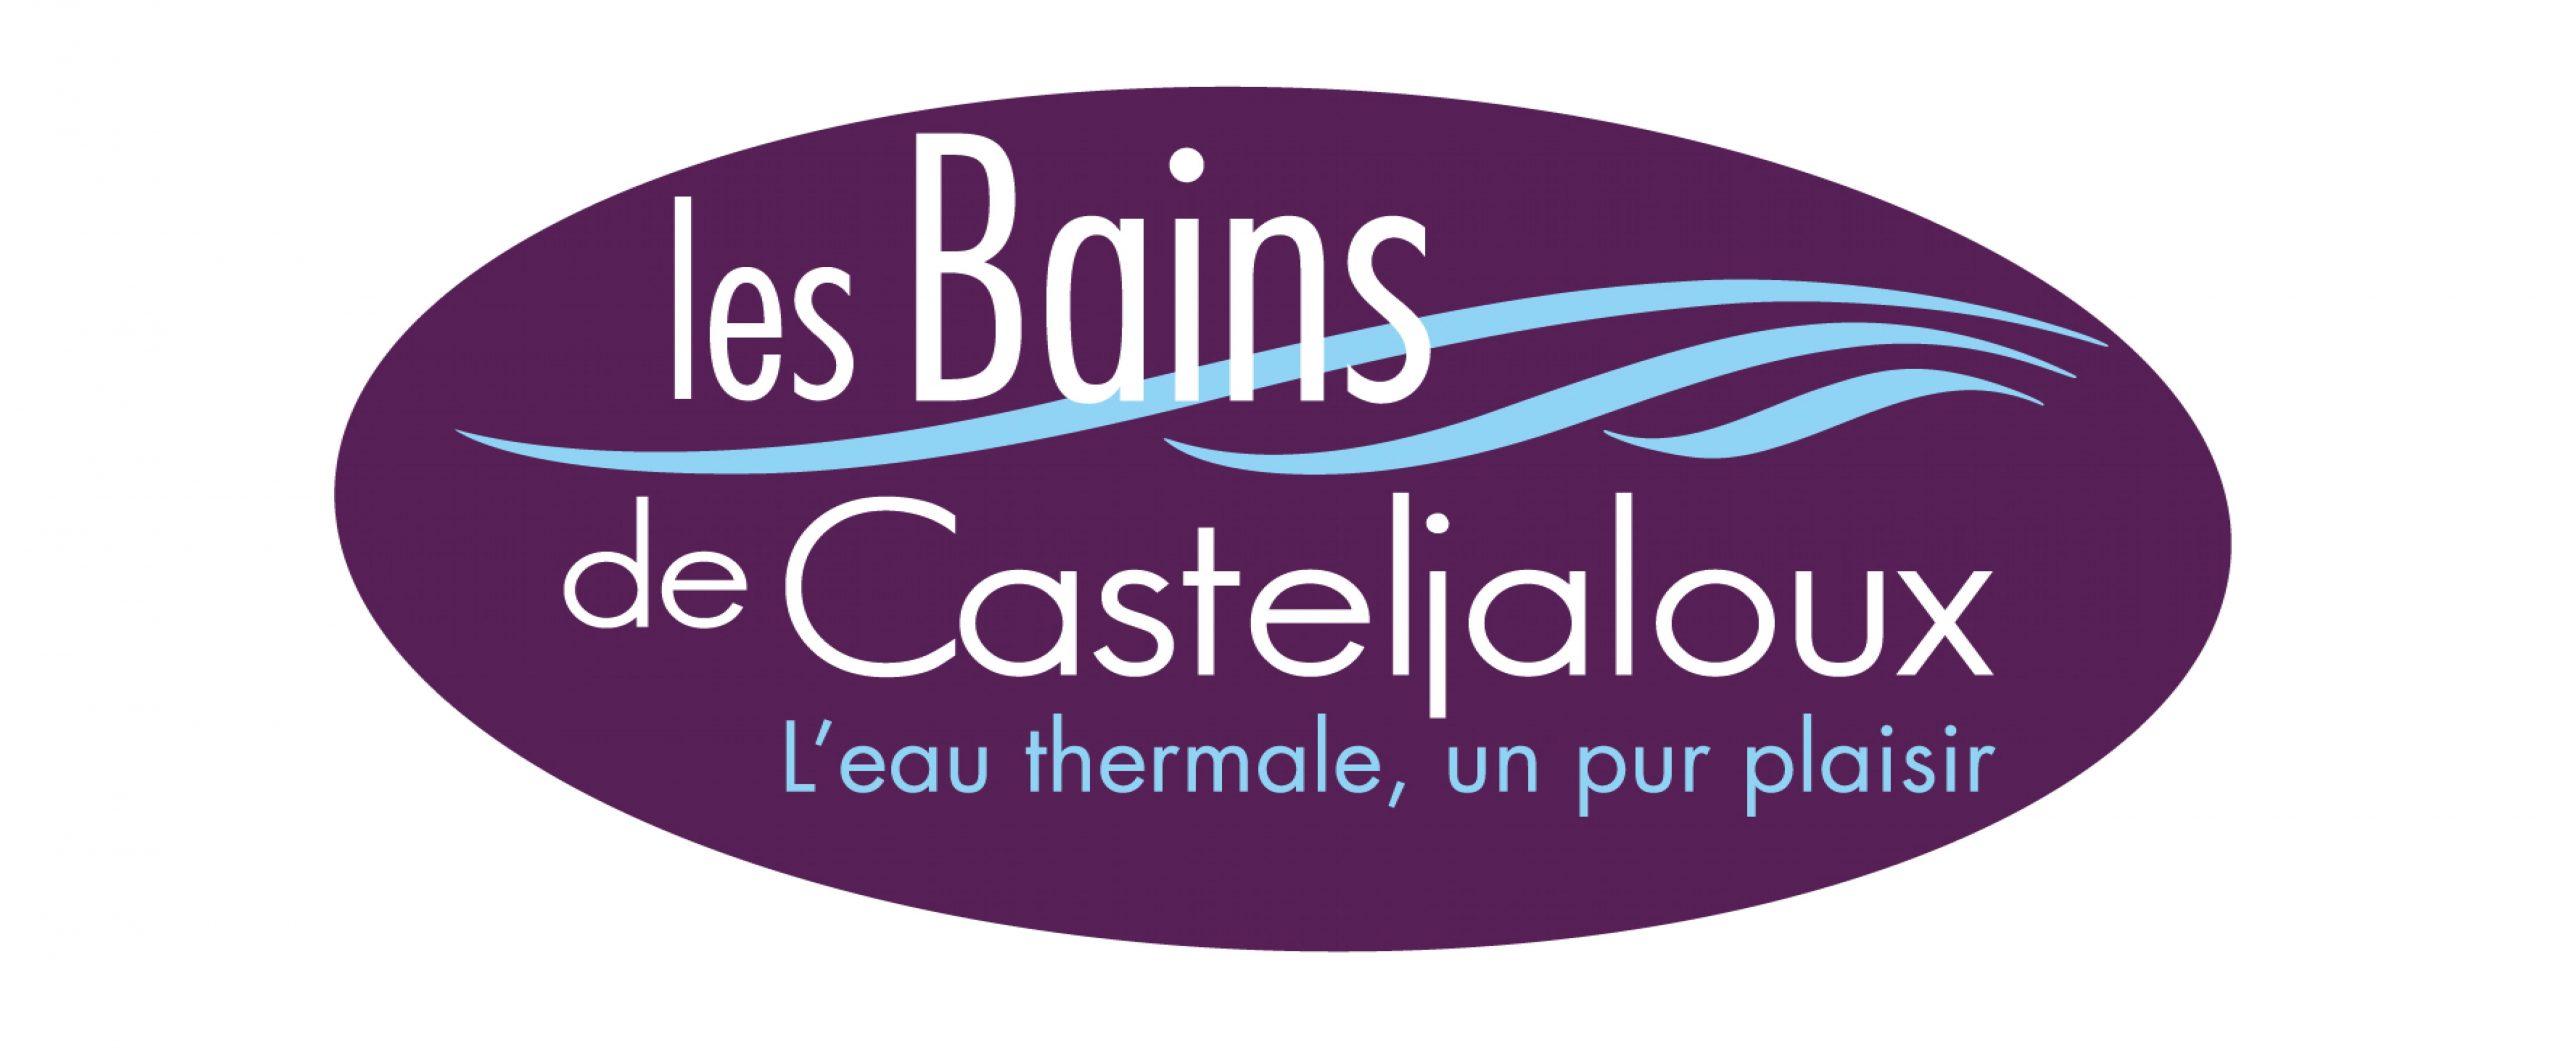 les bains de casteljaloux_Page_1